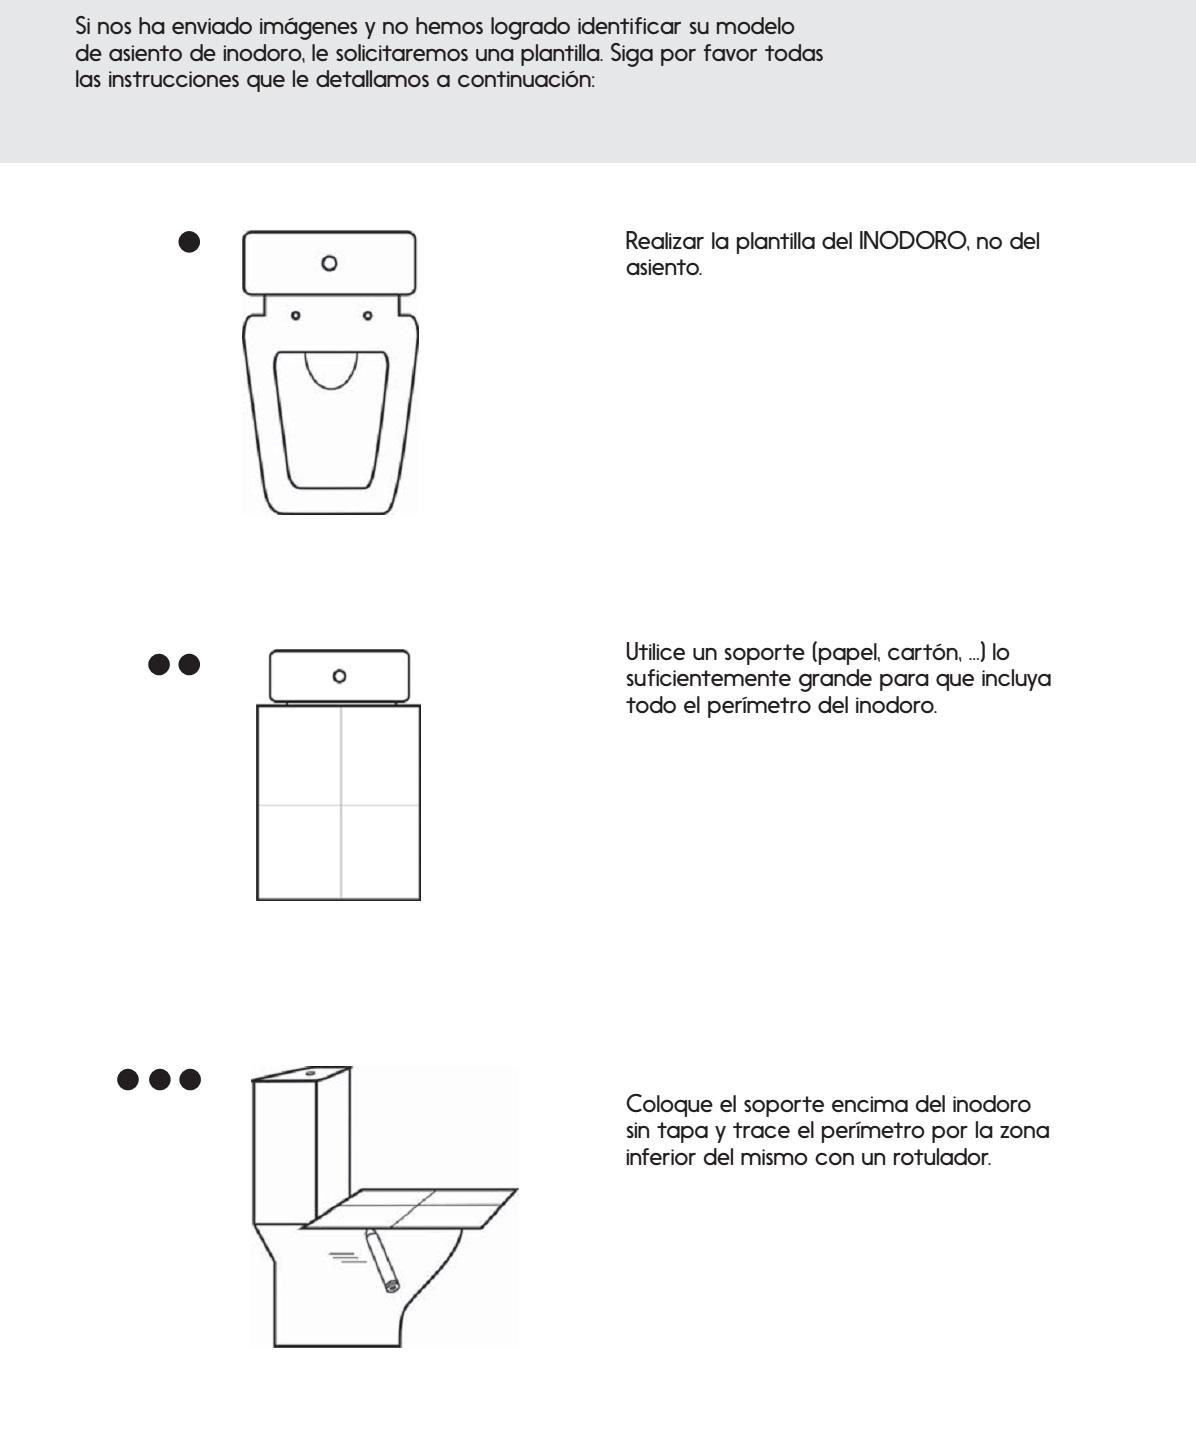 Asiento inodoro tapa WC hacer plantilla identificar modelo ...